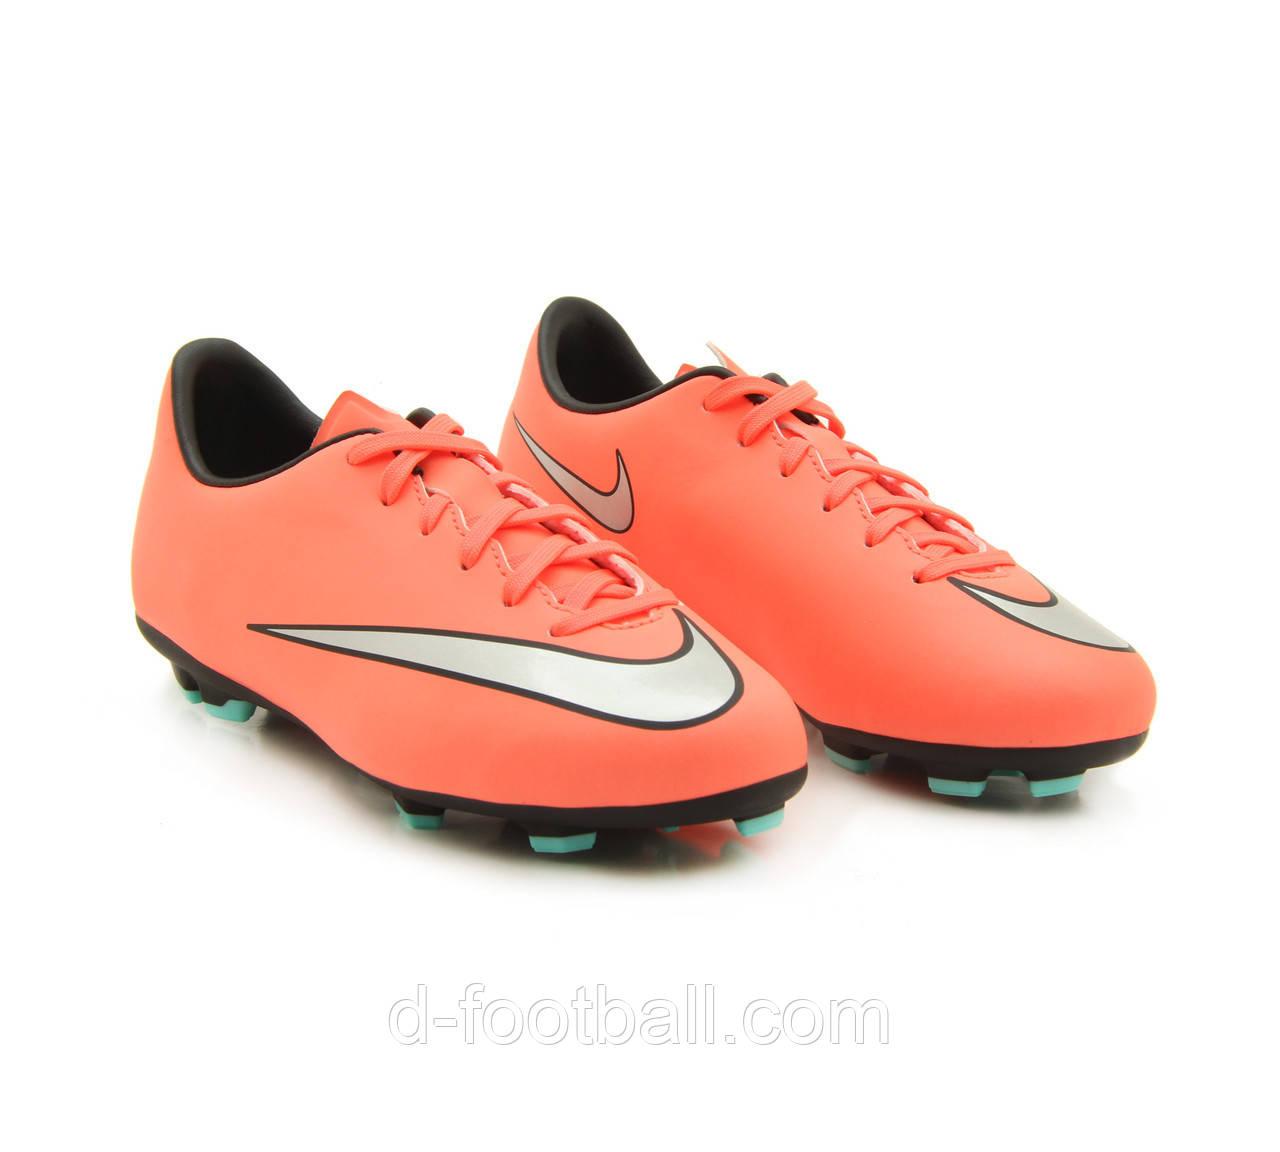 Детские футбольные бутсы Nike Mercurial Victory V FG 651634-803 JR -  Интернет-магазин 888d1eef705